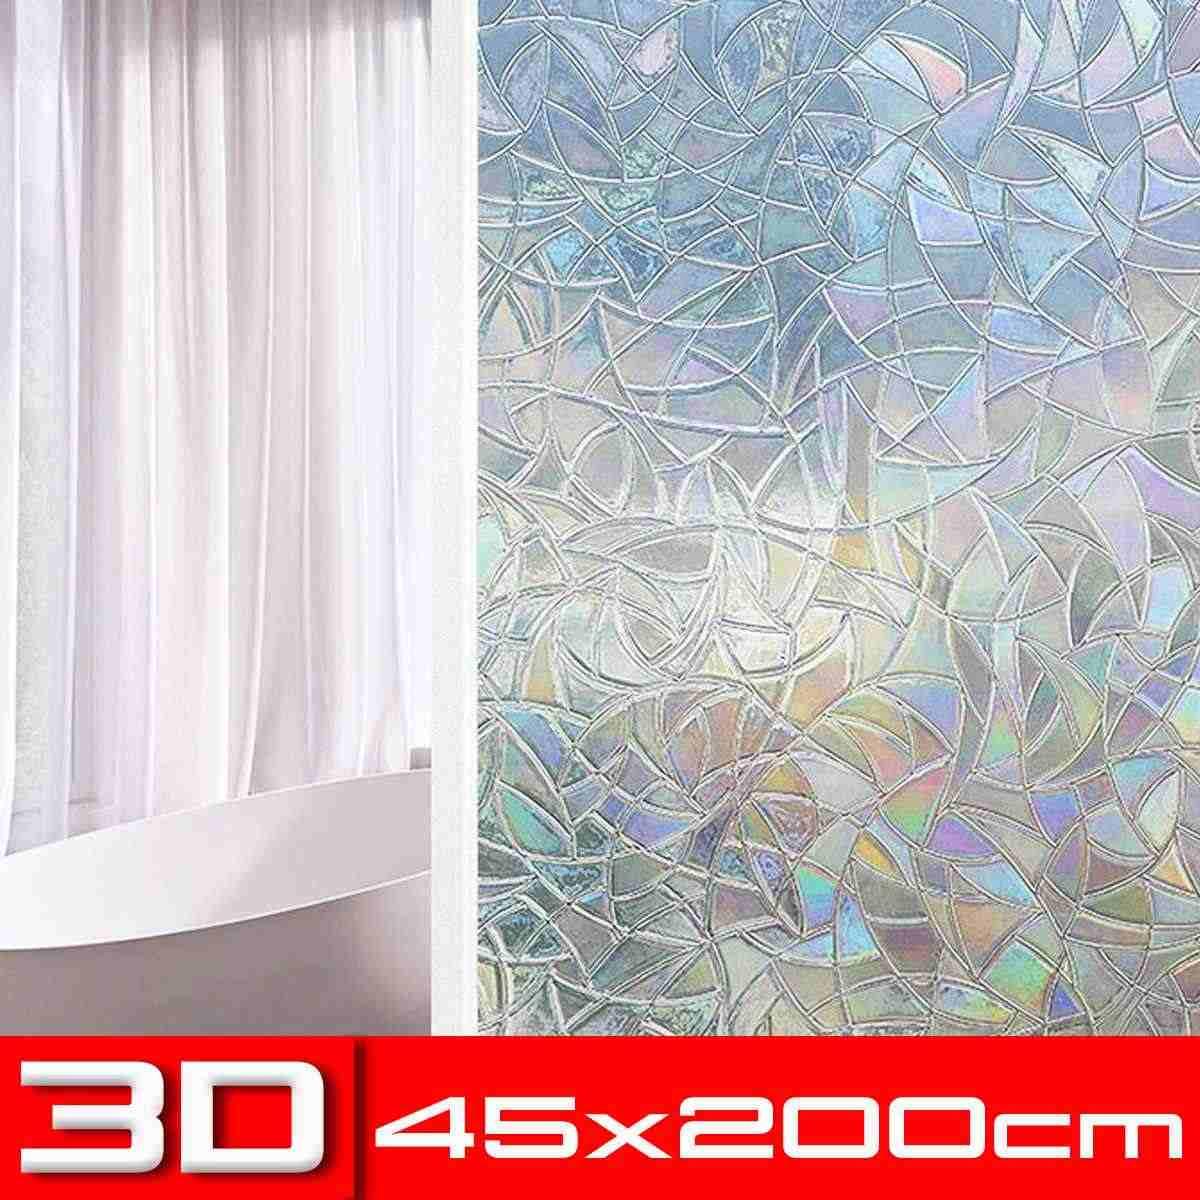 جديد 45x200 سنتيمتر 3D لا الغراء ساكنة الزخرفية نافذة قوس قزح أفلام الزجاج الملون غير لاصقة فيلم مكافحة الأشعة فوق البنفسجية لاصق زجاج